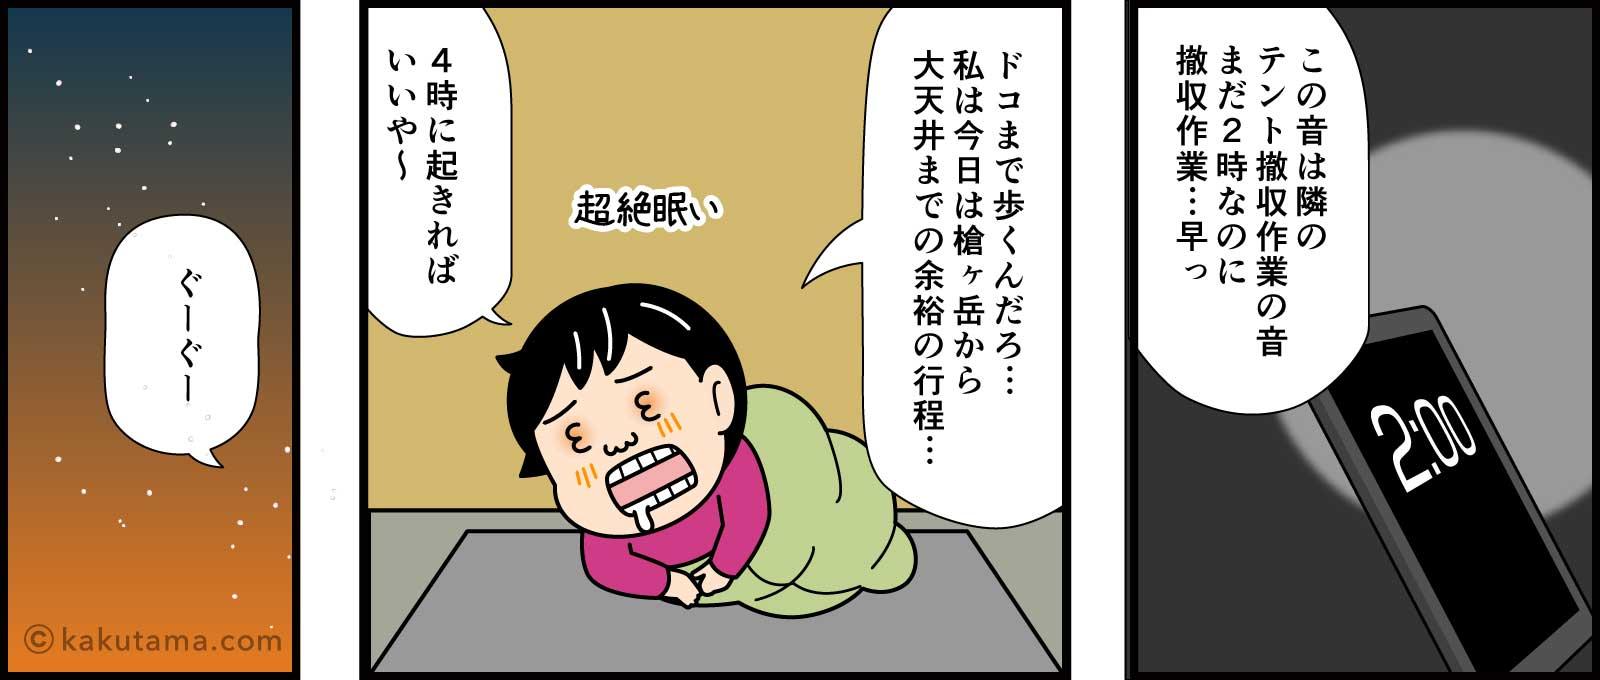 隣のテントの撤収音で目が覚める漫画